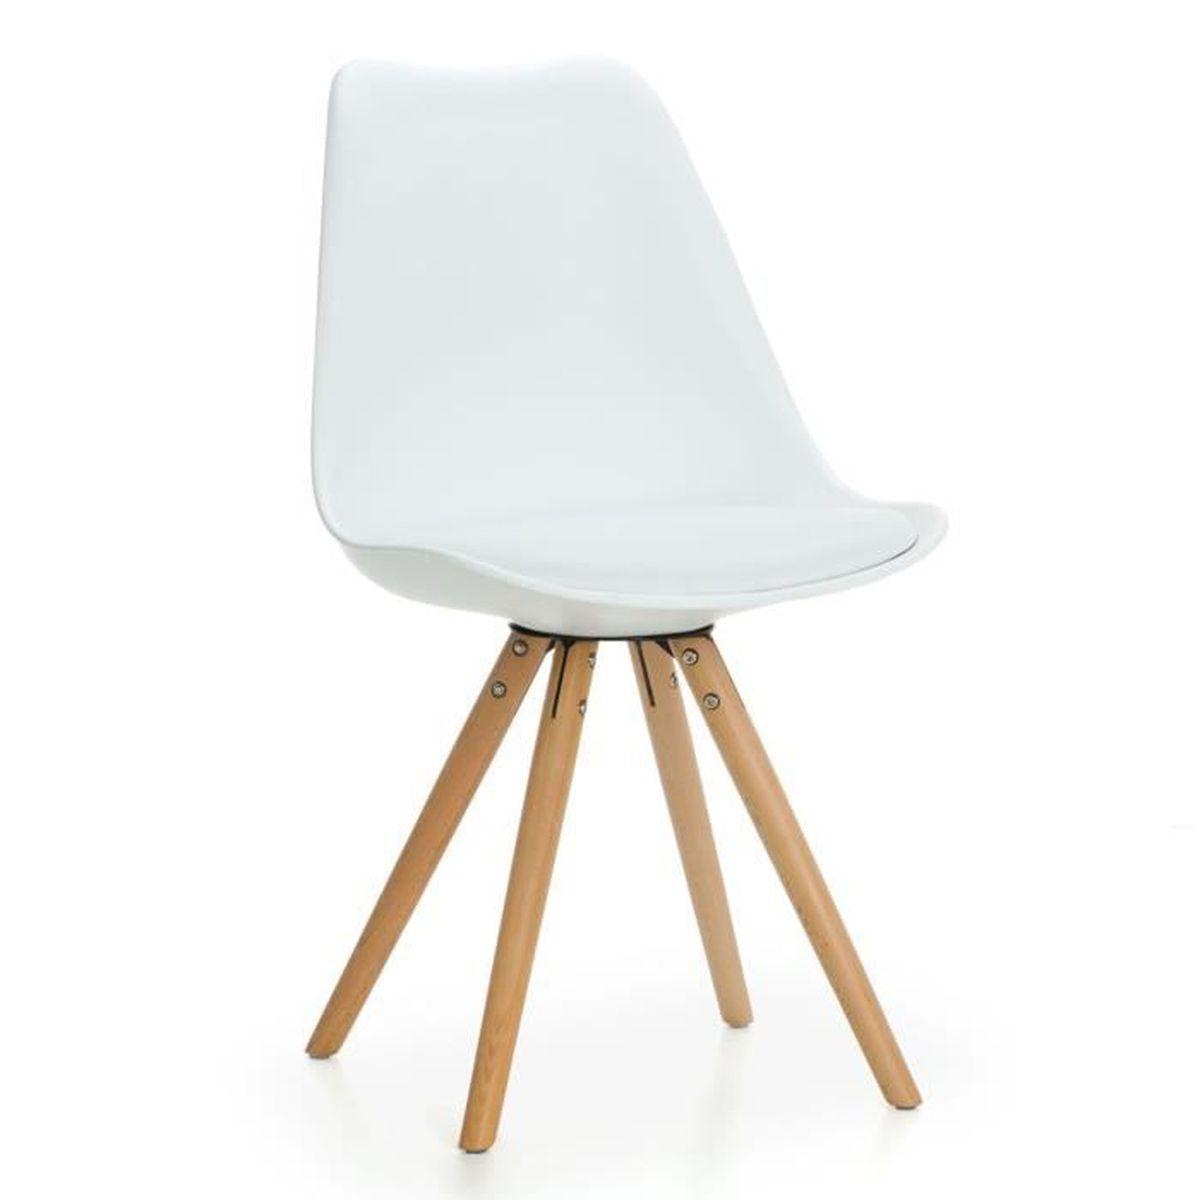 Mmilo inspir chaise de salle manger jambes bois massif for Chaise de salle a manger avec roulette